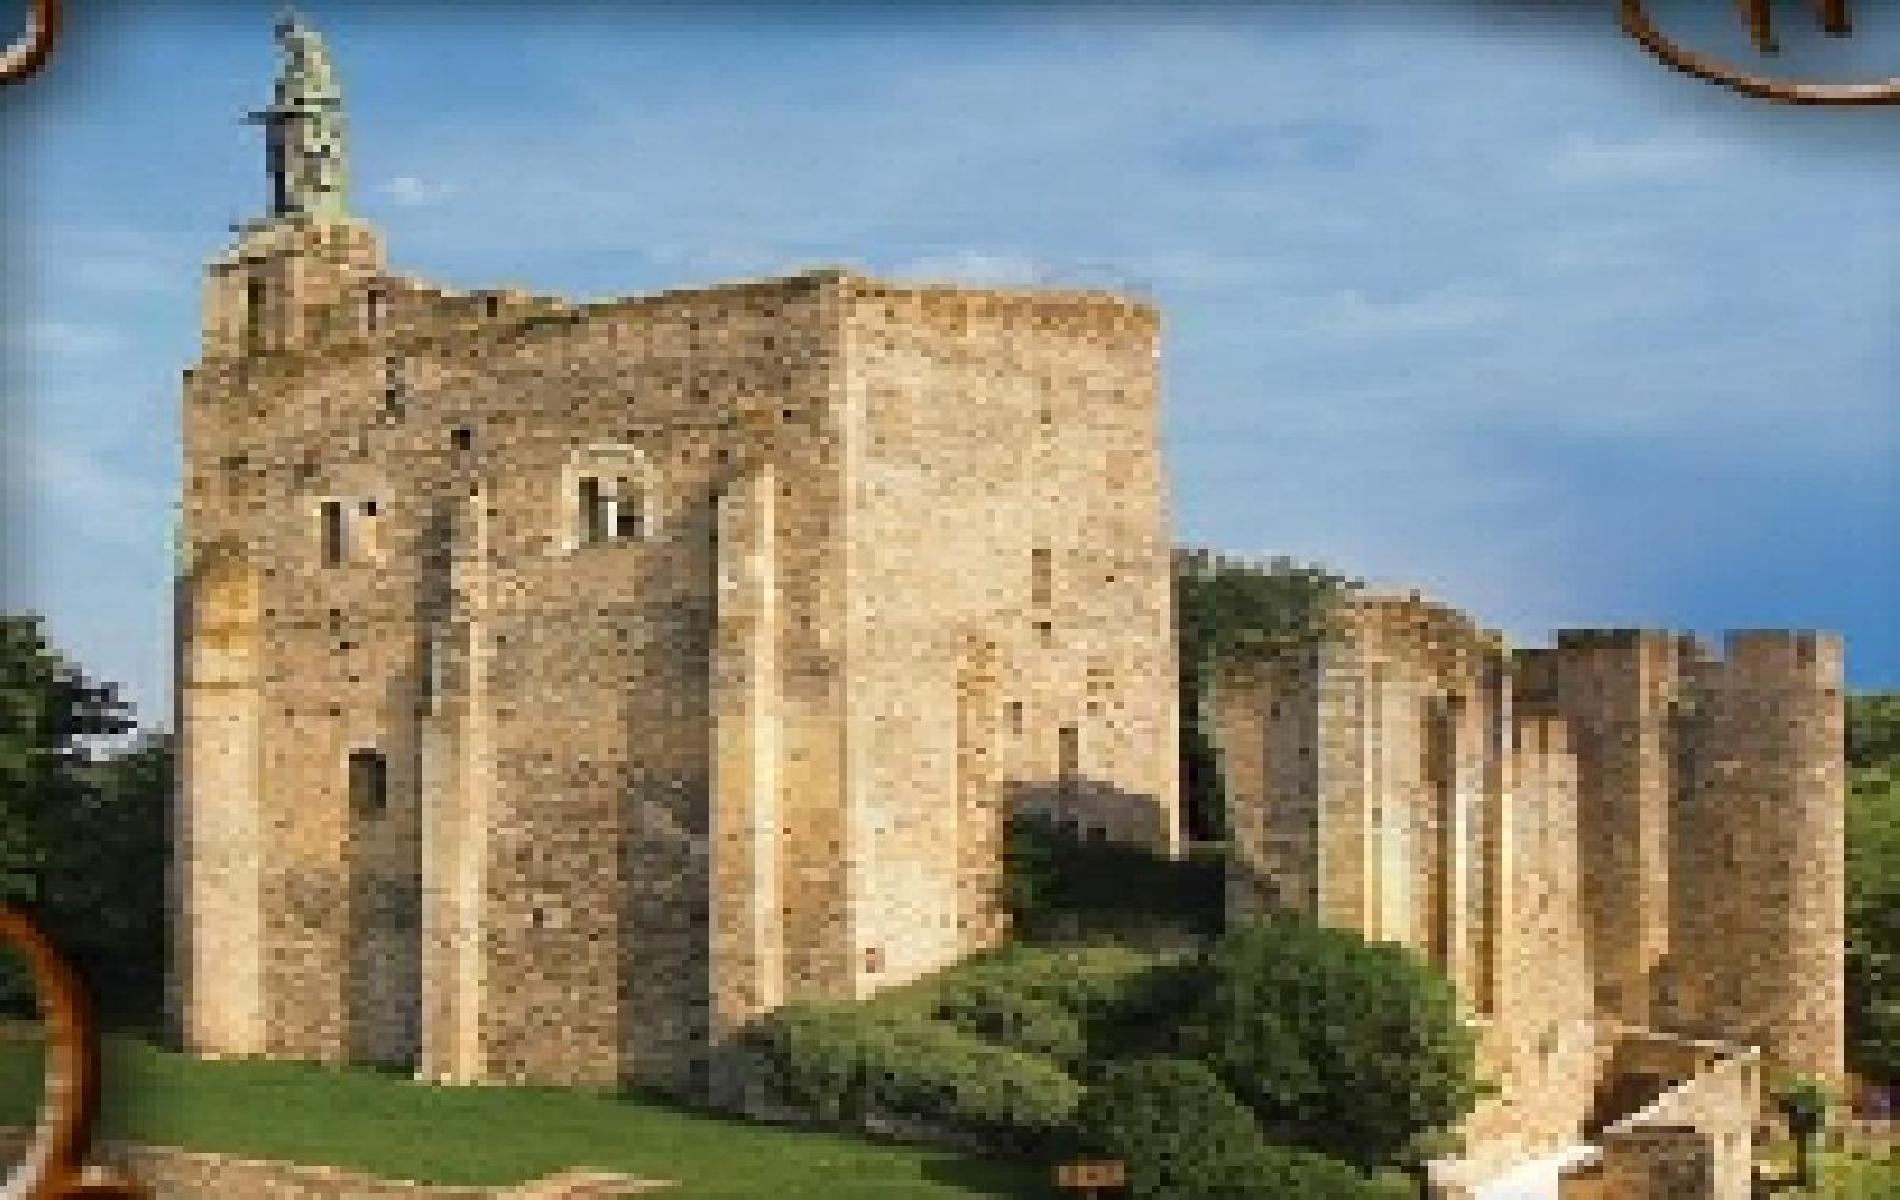 Chateau de Montbazon